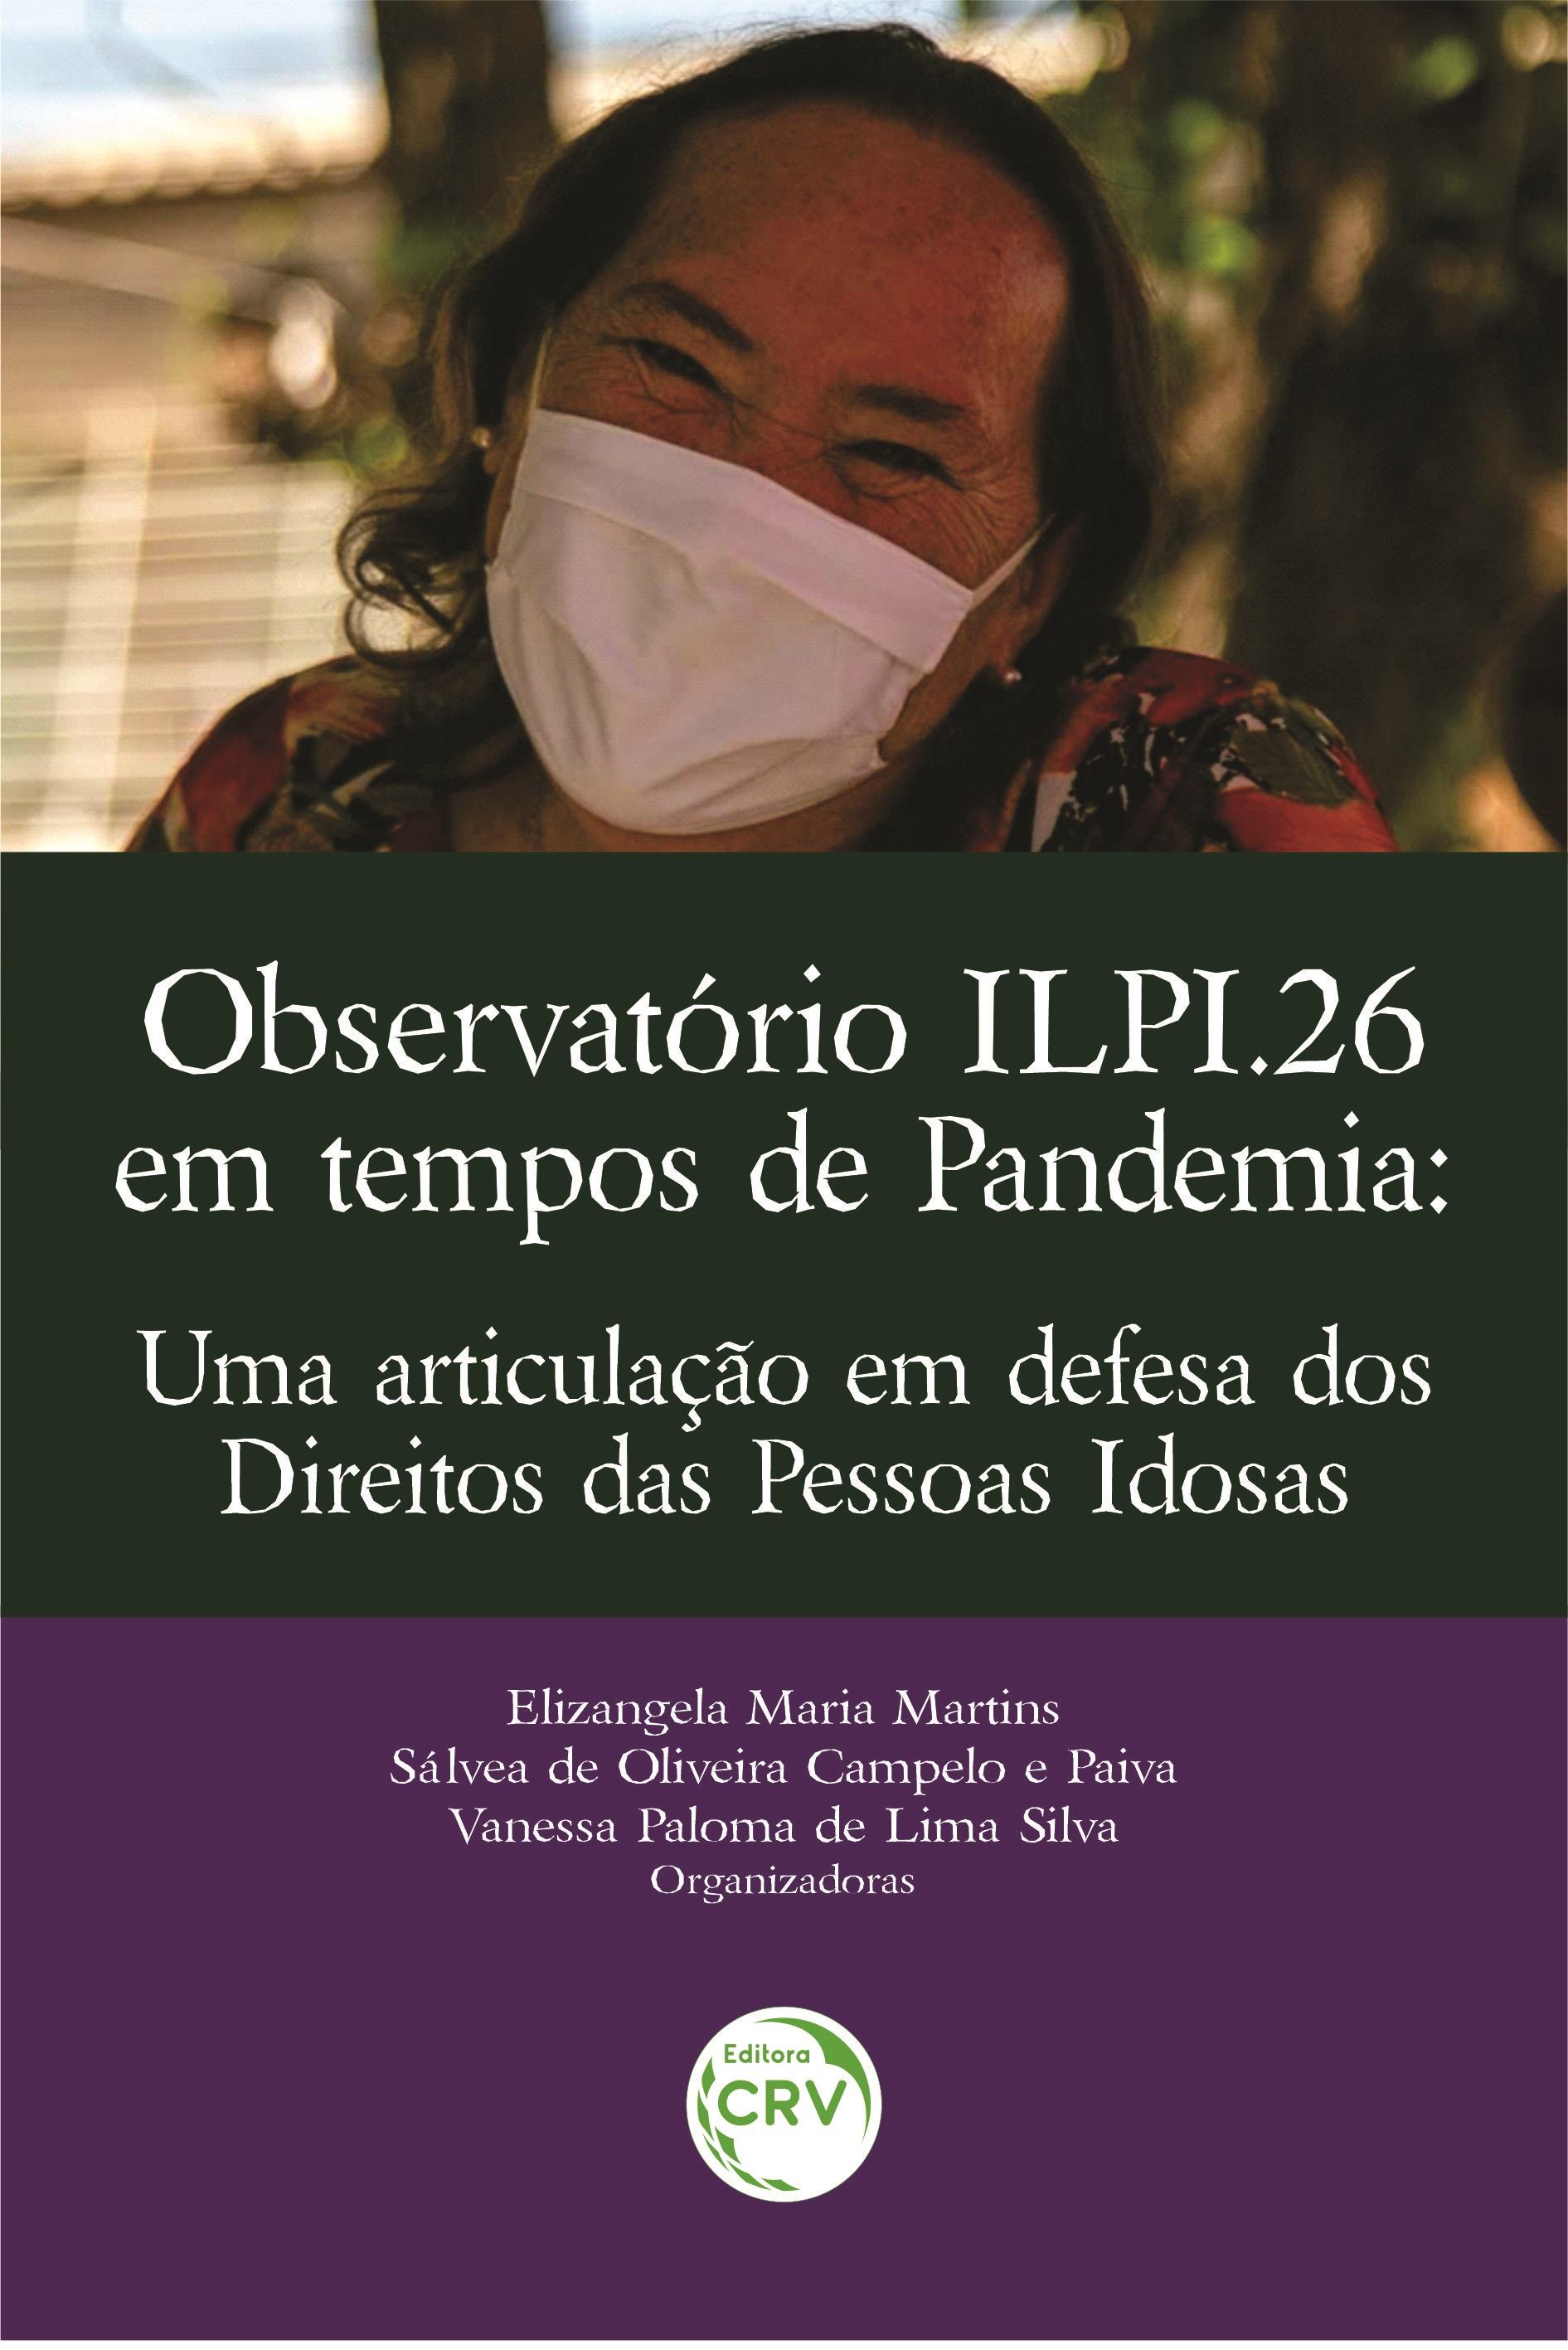 Capa do livro: OBSERVATÓRIO ILPI.26 EM TEMPOS DE PANDEMIA:<br>Uma articulação em defesa dos Direitos das Pessoas Idosas